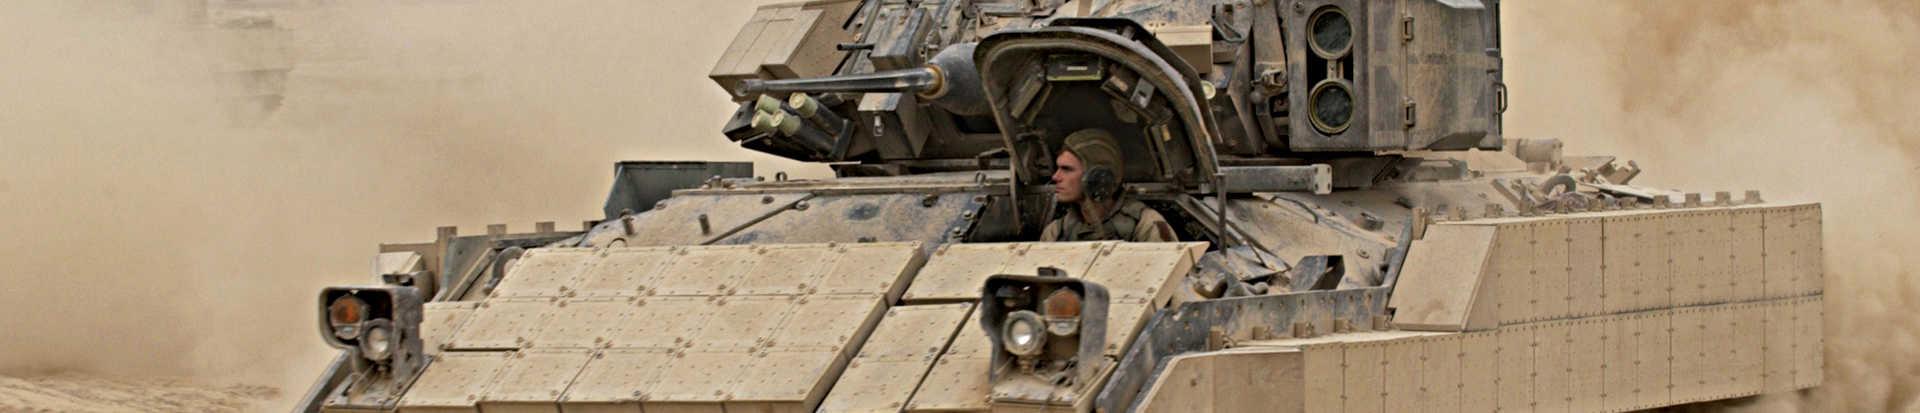 Bradley tank in motion across sand